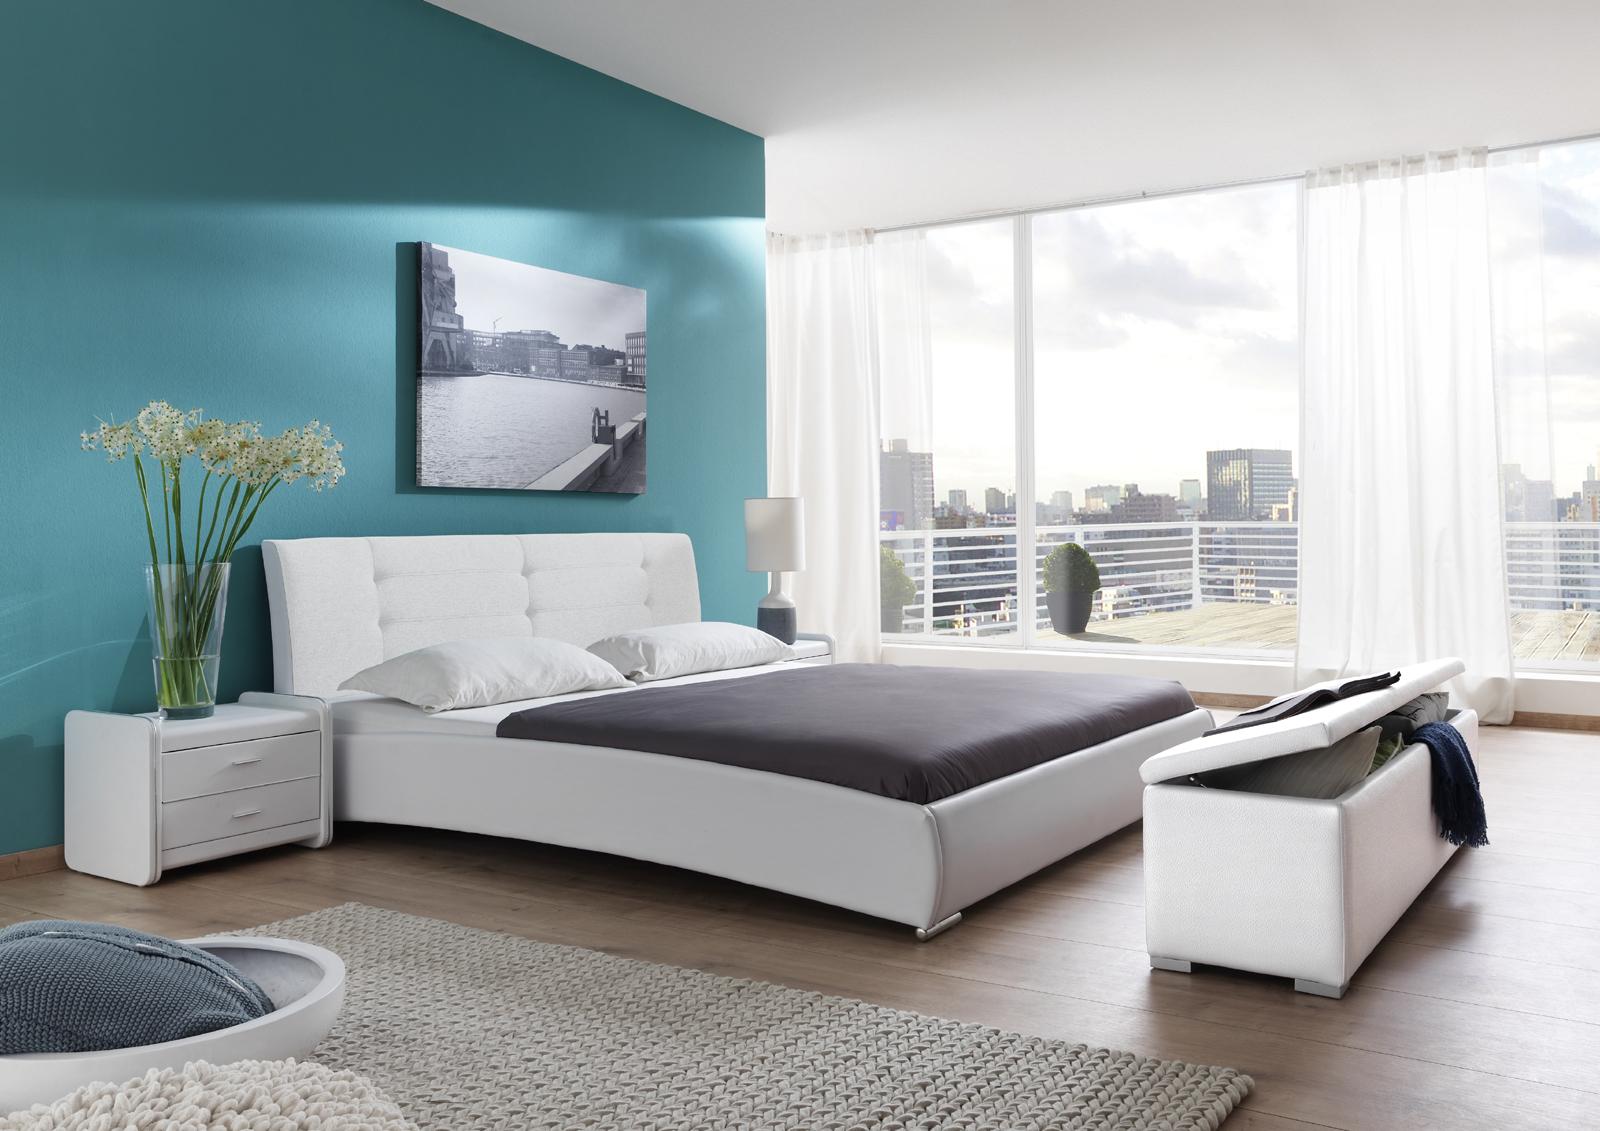 Einzelbett design  SAM® Polsterbett Einzelbett 90 x 200 cm weiß BEBOP